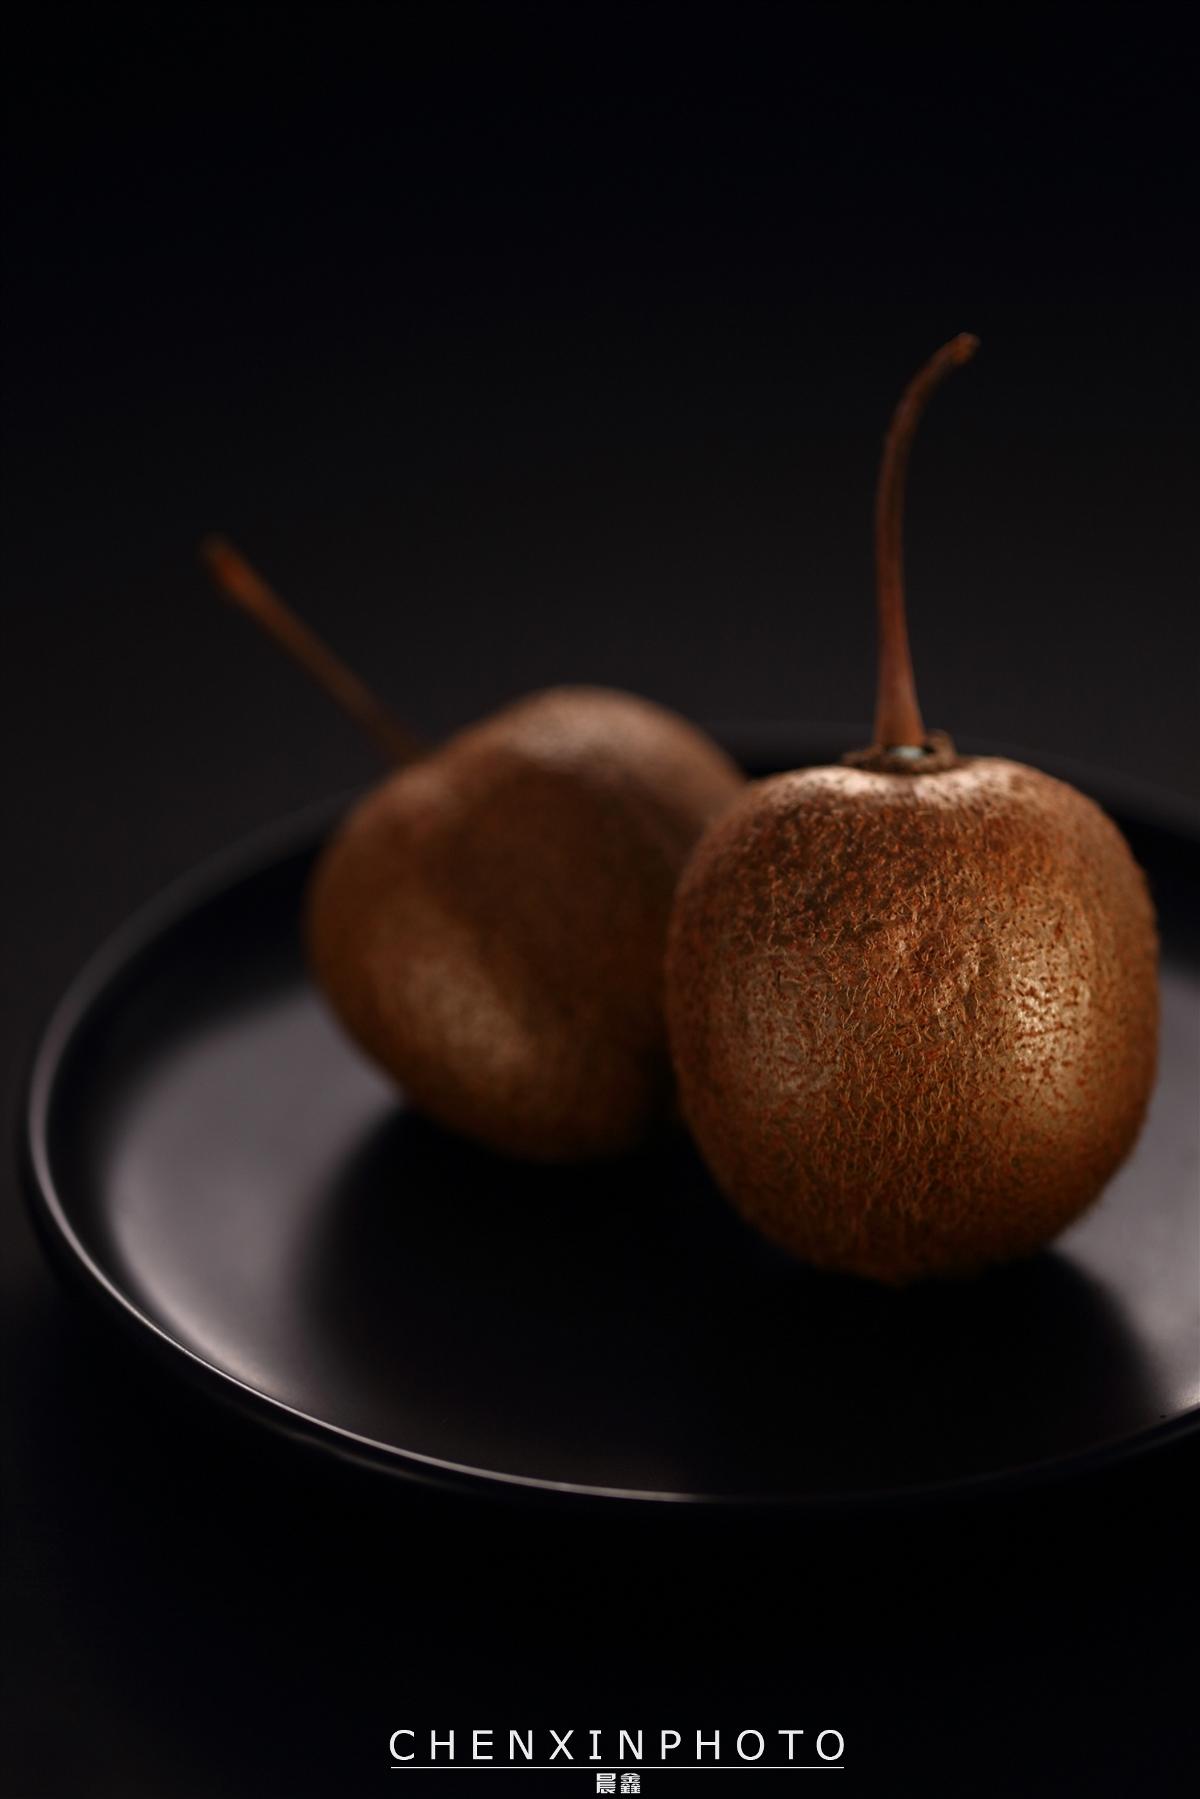 创意美食菜谱广告菜谱摄影/静物电商产品拍摄